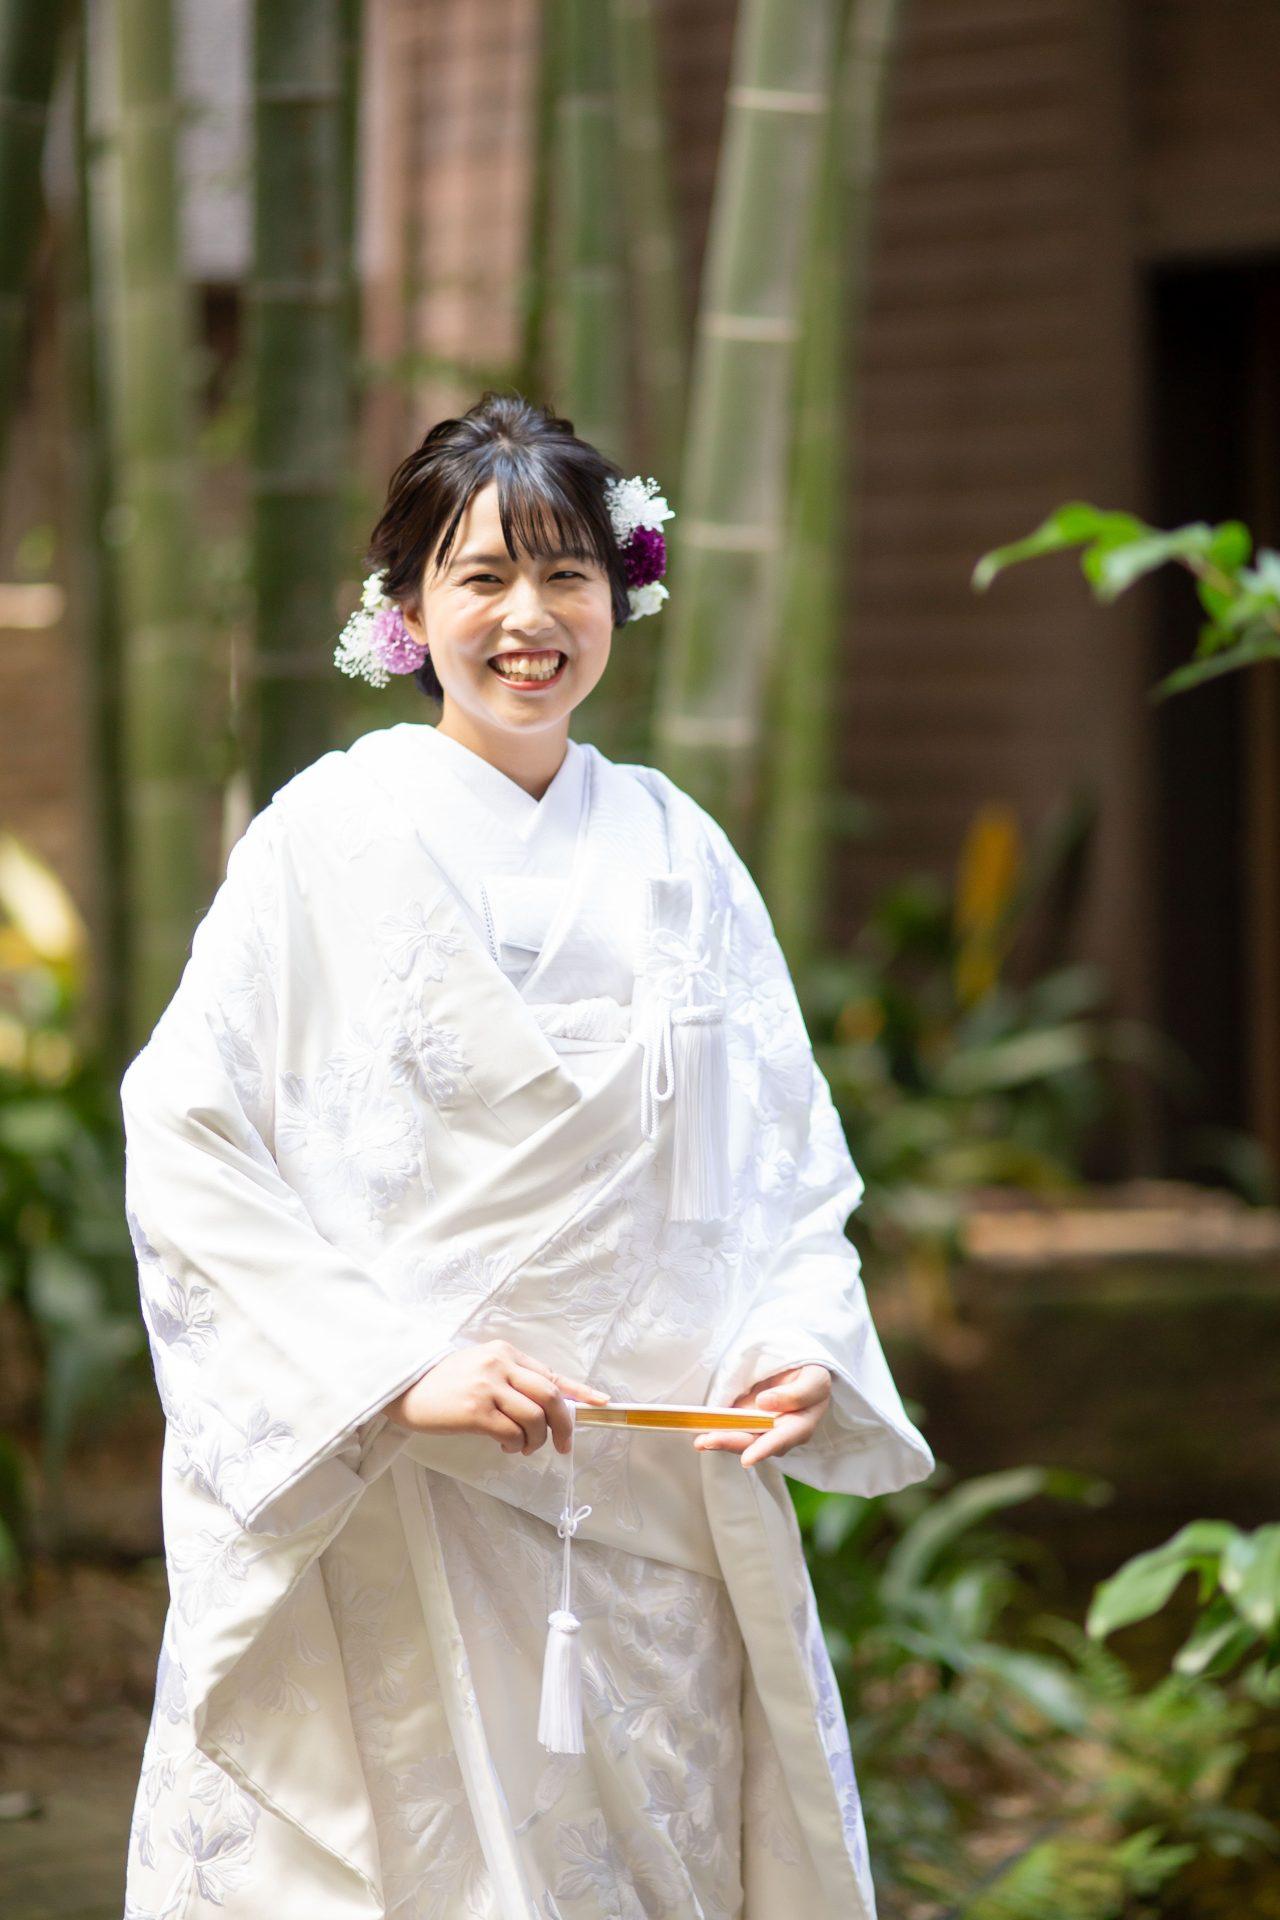 FGK花嫁におすすめしたい竹林のお庭での和装の京都前撮り